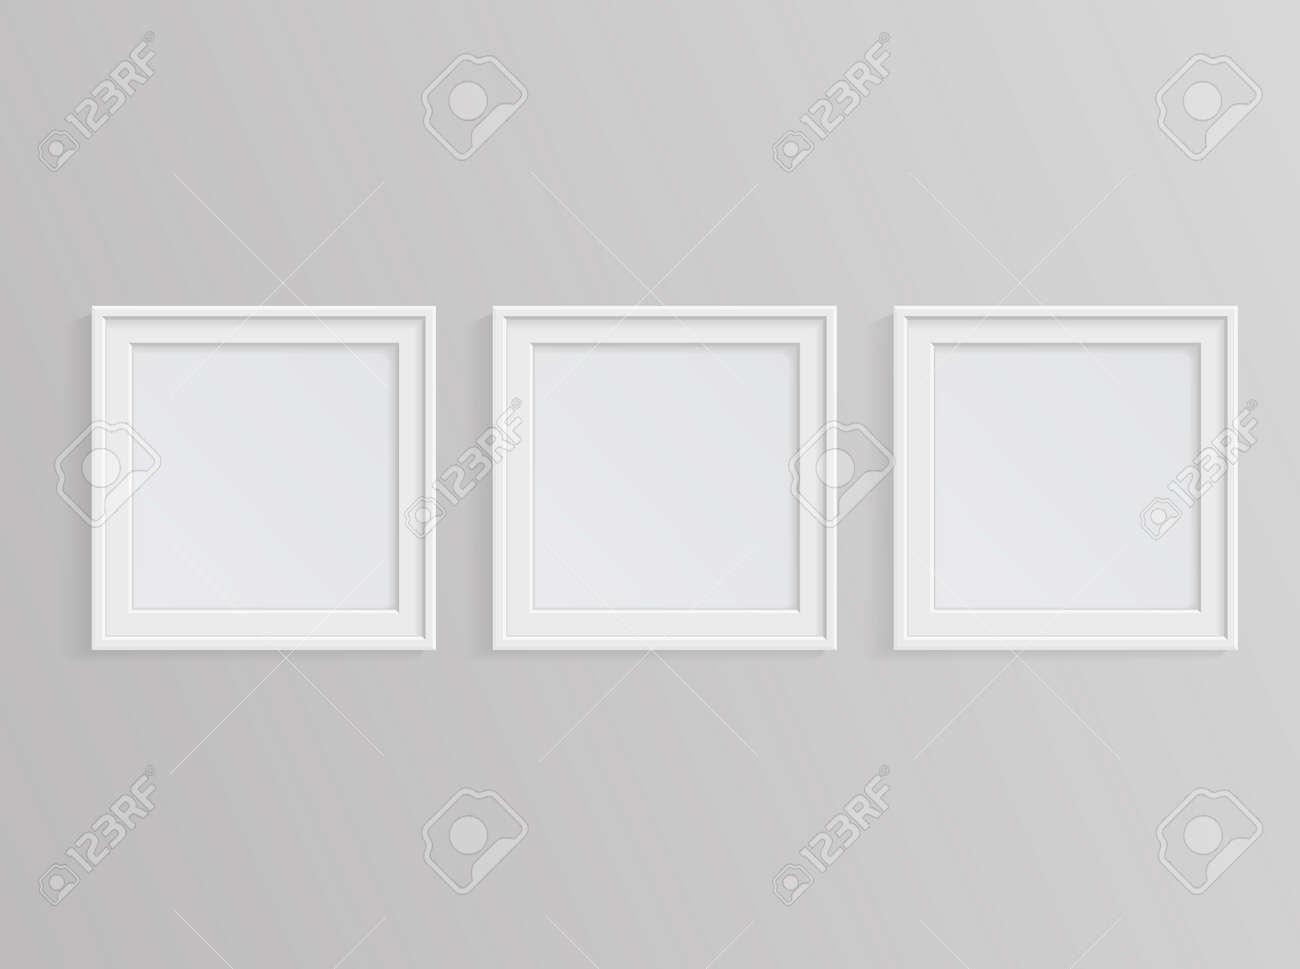 Set Von Weißen Bilderrahmen Auf Graue Wand Lizenzfrei Nutzbare ...